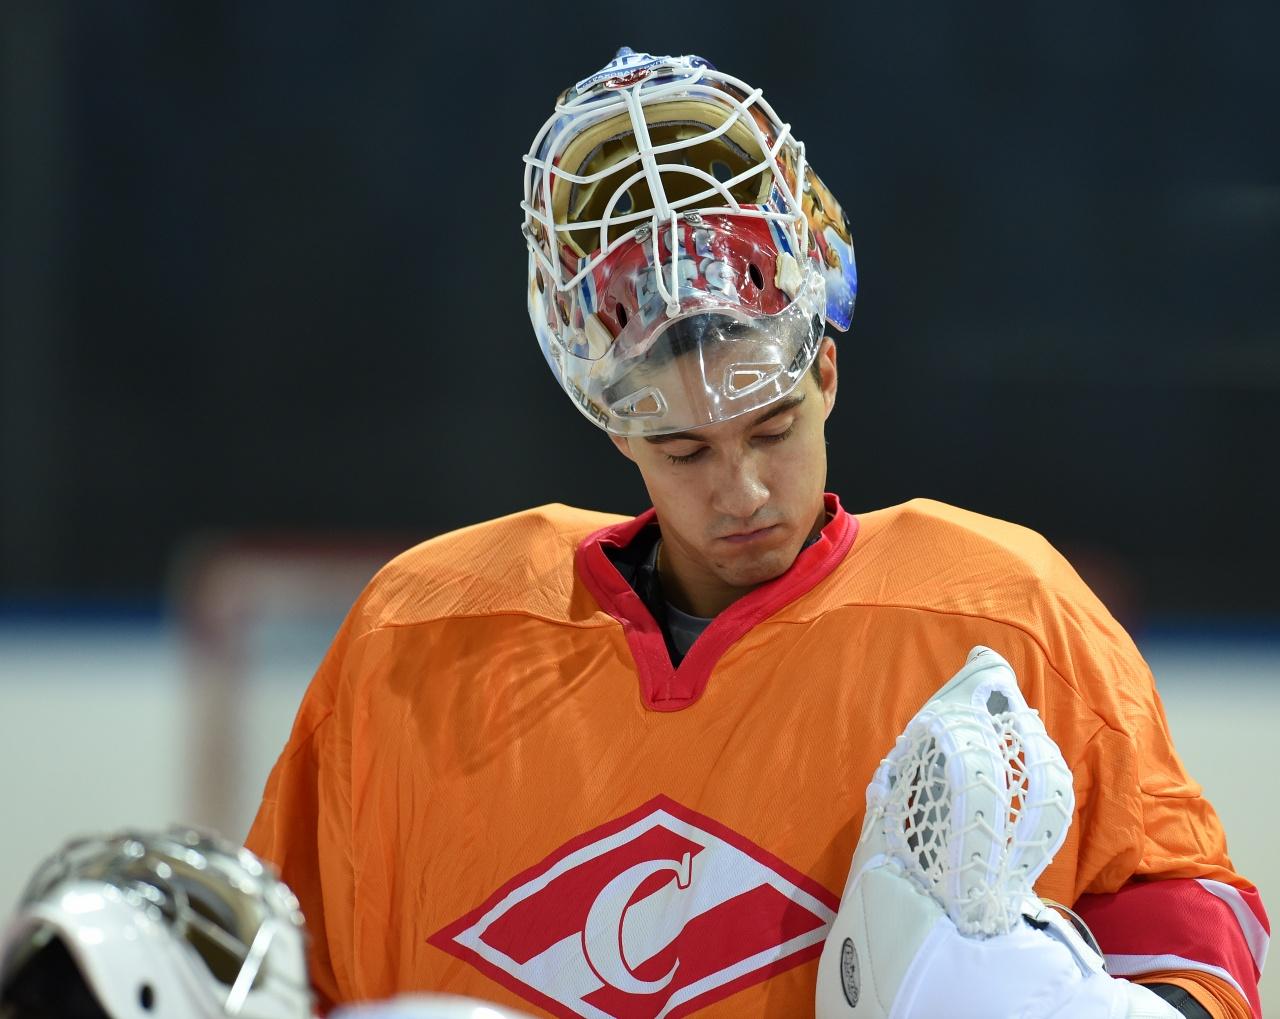 Никита Беспалов приступил к тренировкам на льду